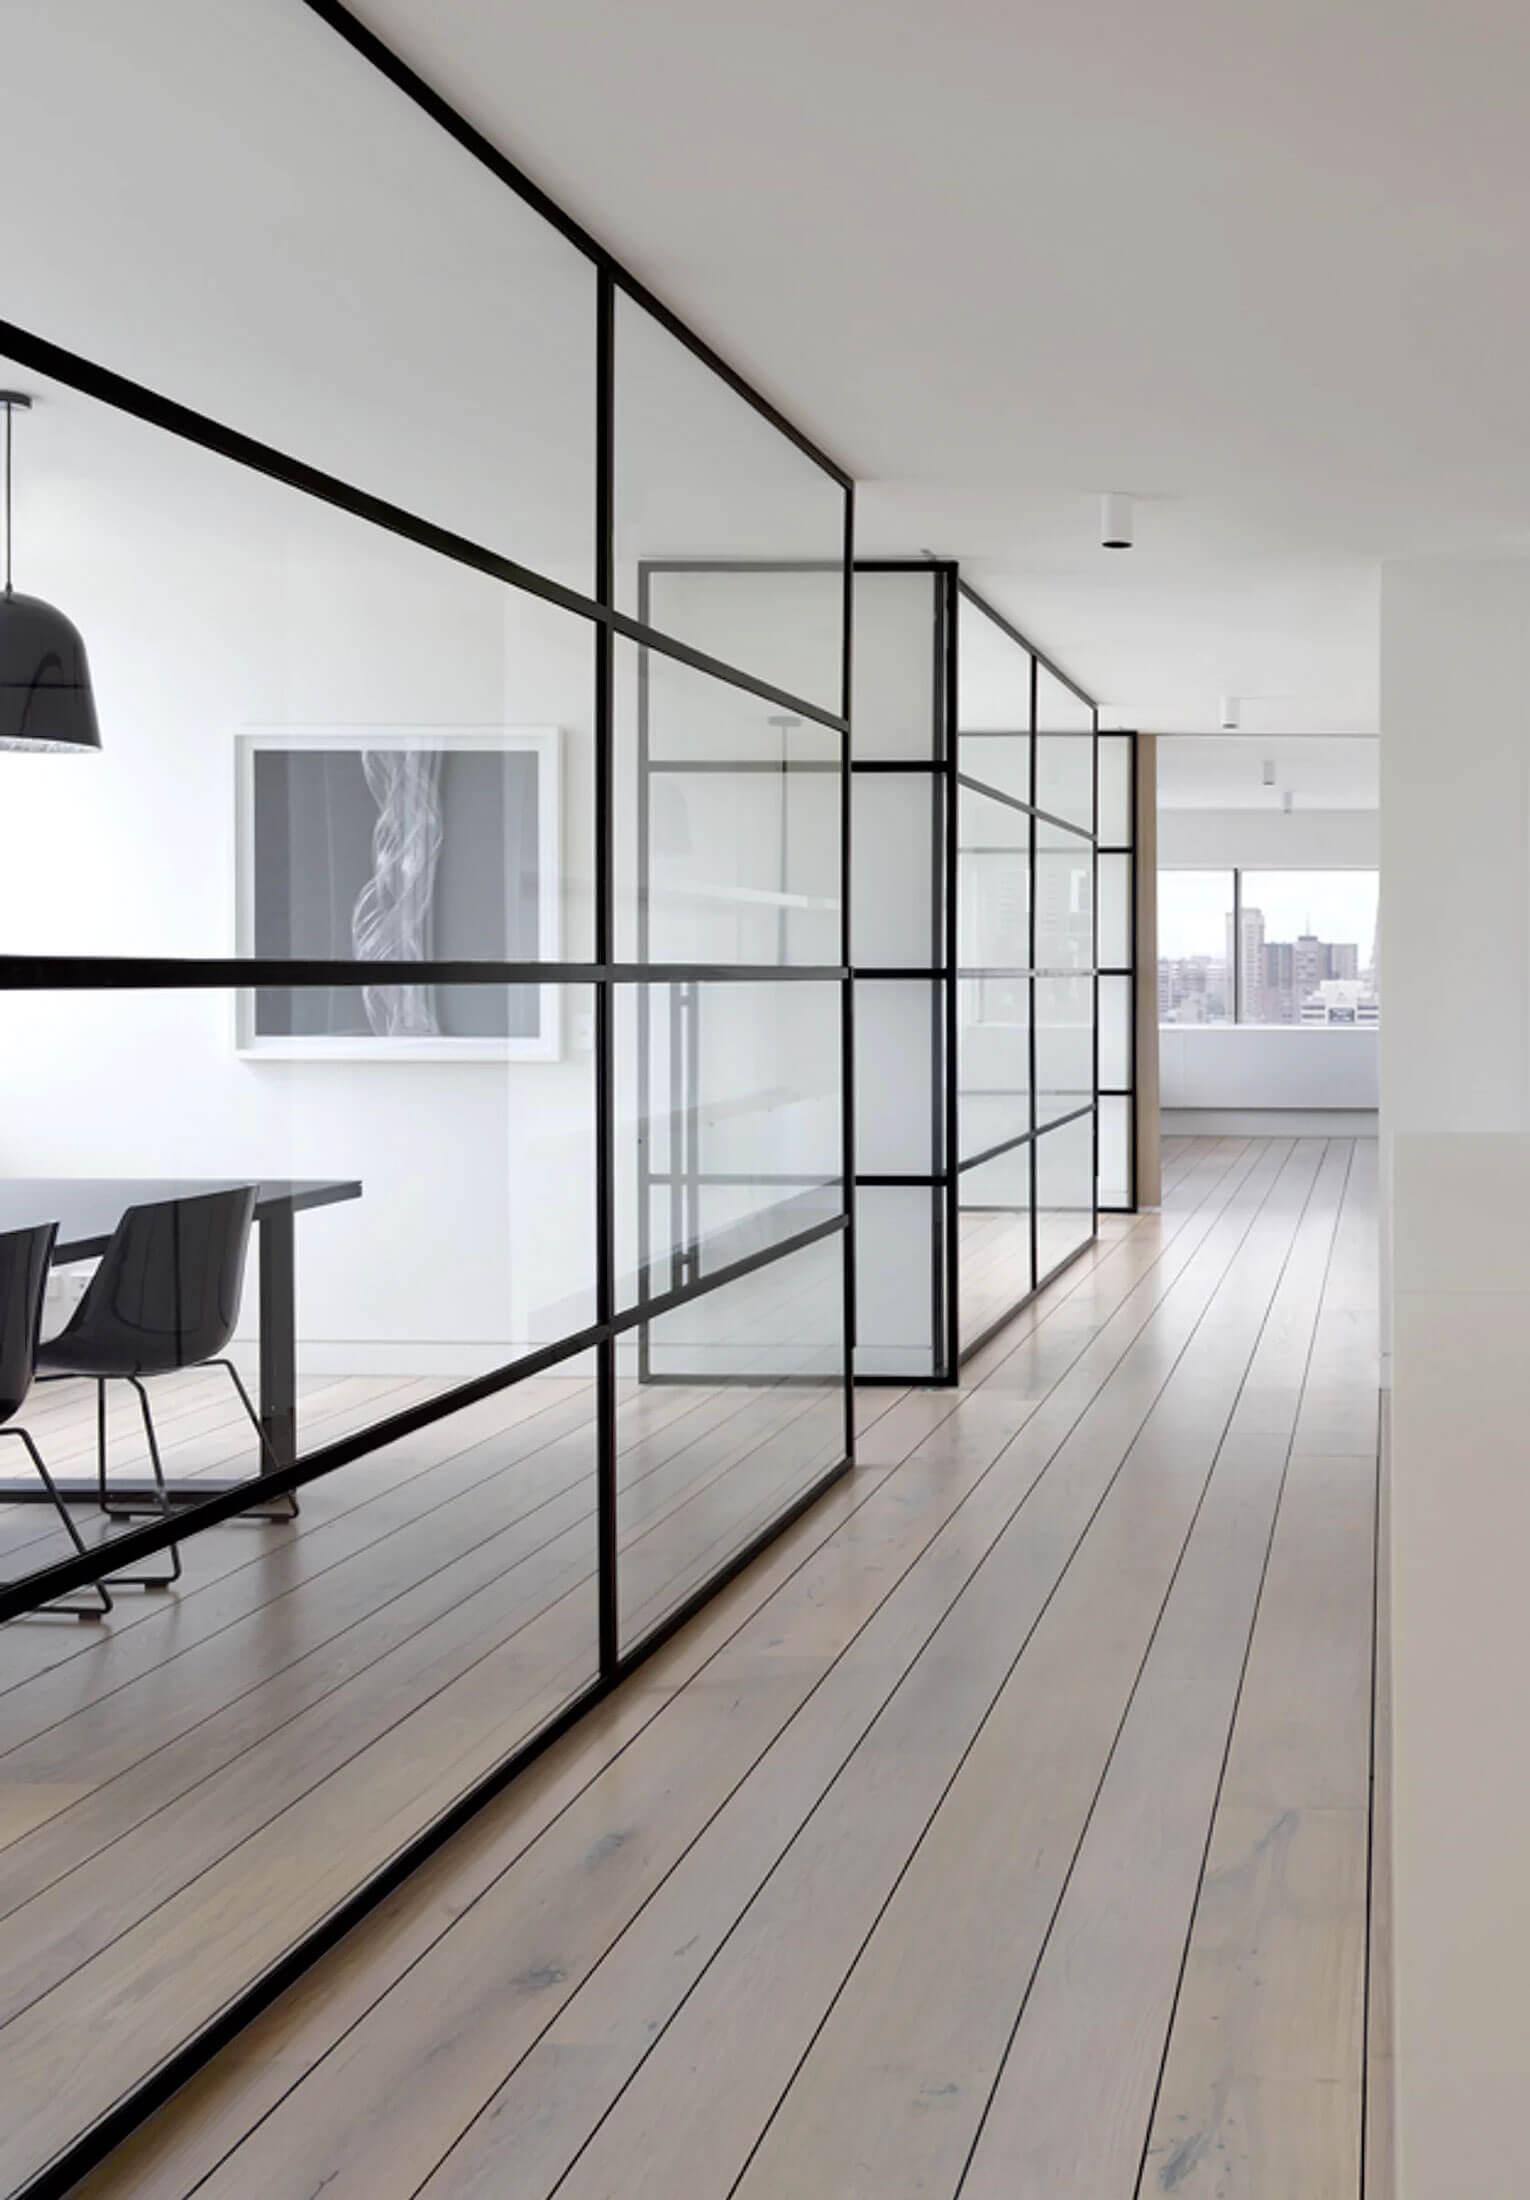 12 เทคนิคตกแต่งออฟฟิศเล็กให้ดูใหญ่ ถูกใจ SME และ home office 42 - Co-Working Space